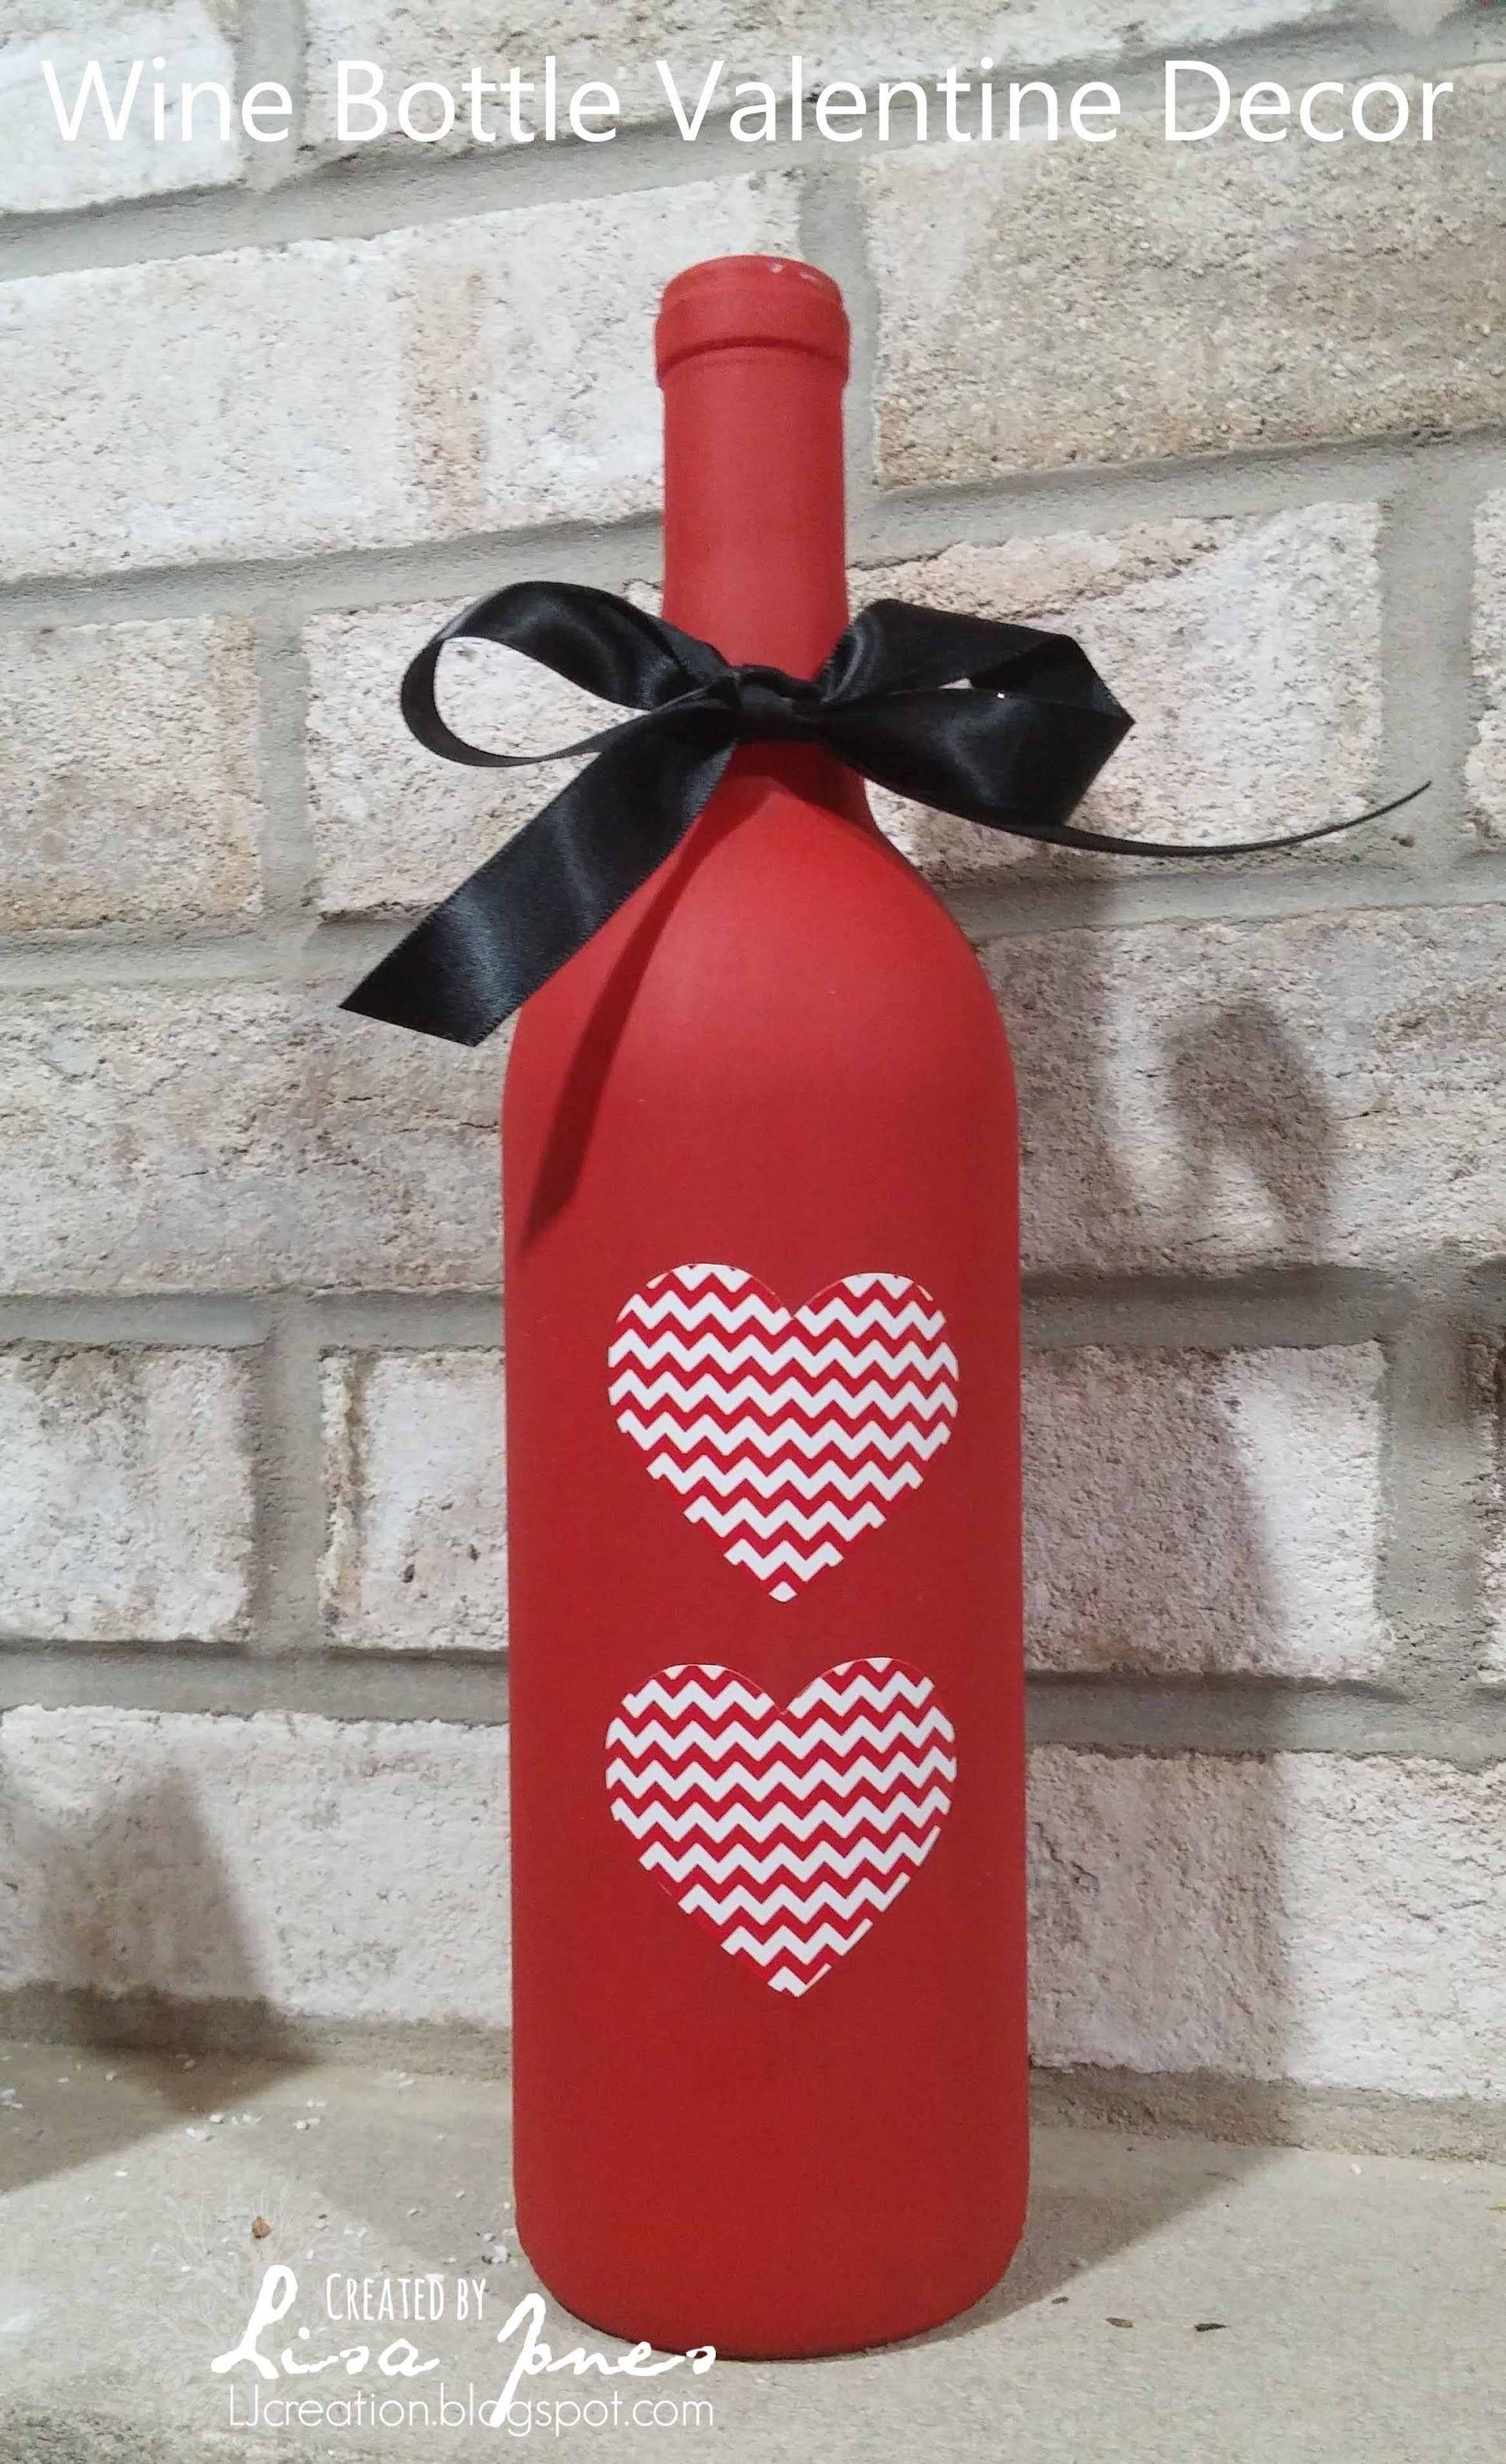 Wine Bottle Valentine Decor Valentines Crafts Wine Bottle Crafts Bottle Crafts Valentine Decorations